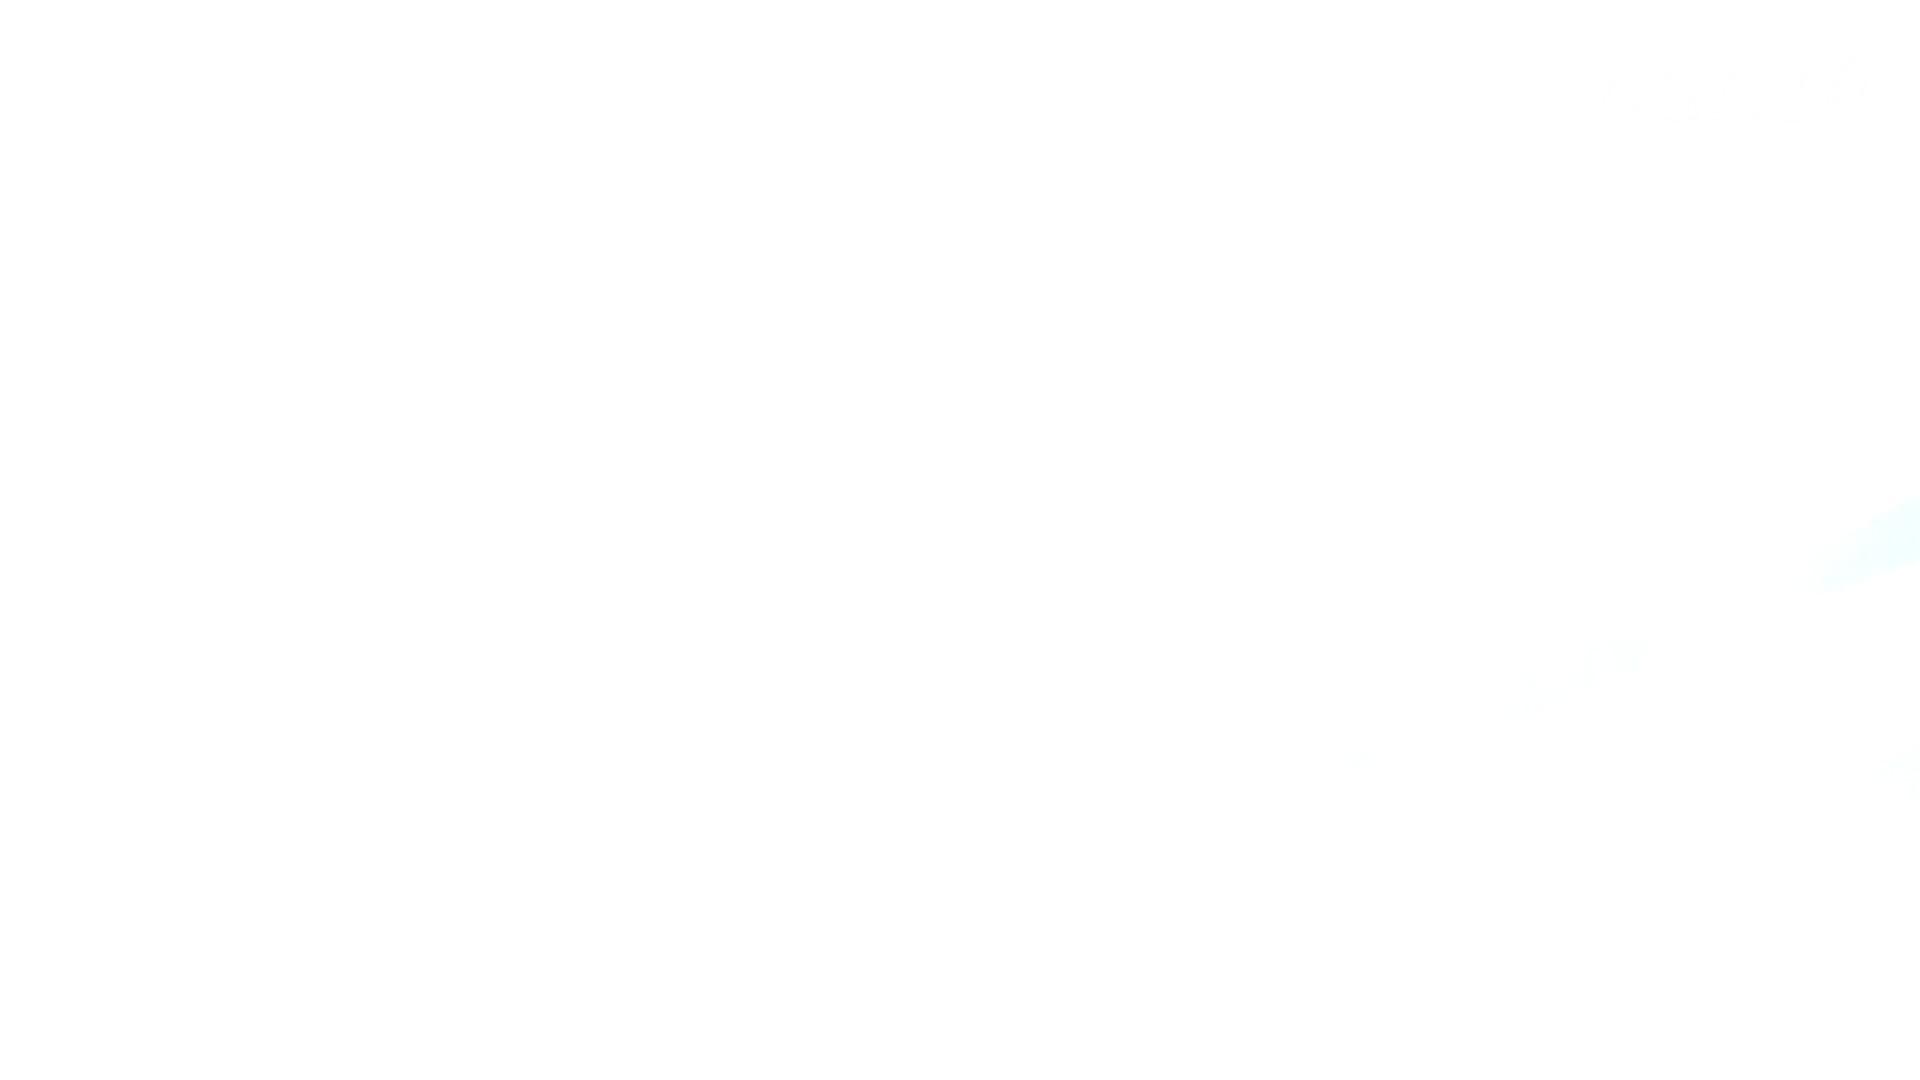 ▲復活限定▲ハイビジョン 盗神伝 Vol.24 OLのボディ  81PIX 8